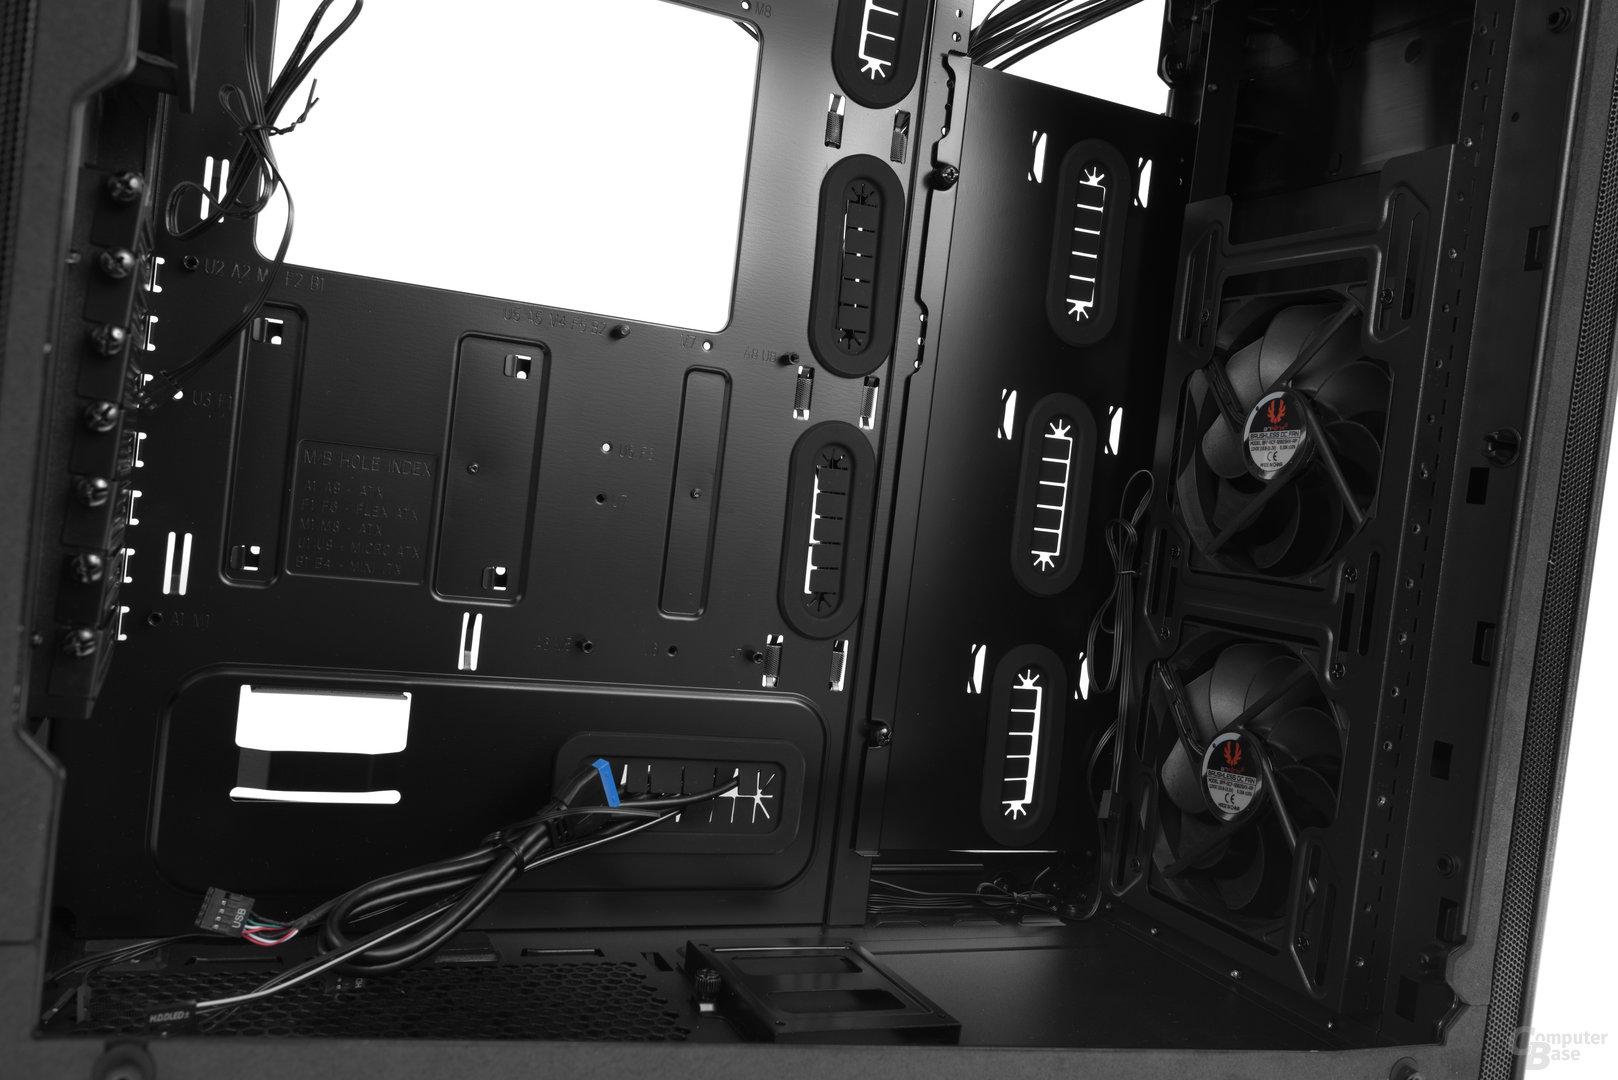 BitFenix Shogun – Innenraumansicht ohne Käfige und erweitertem Mainboardtray